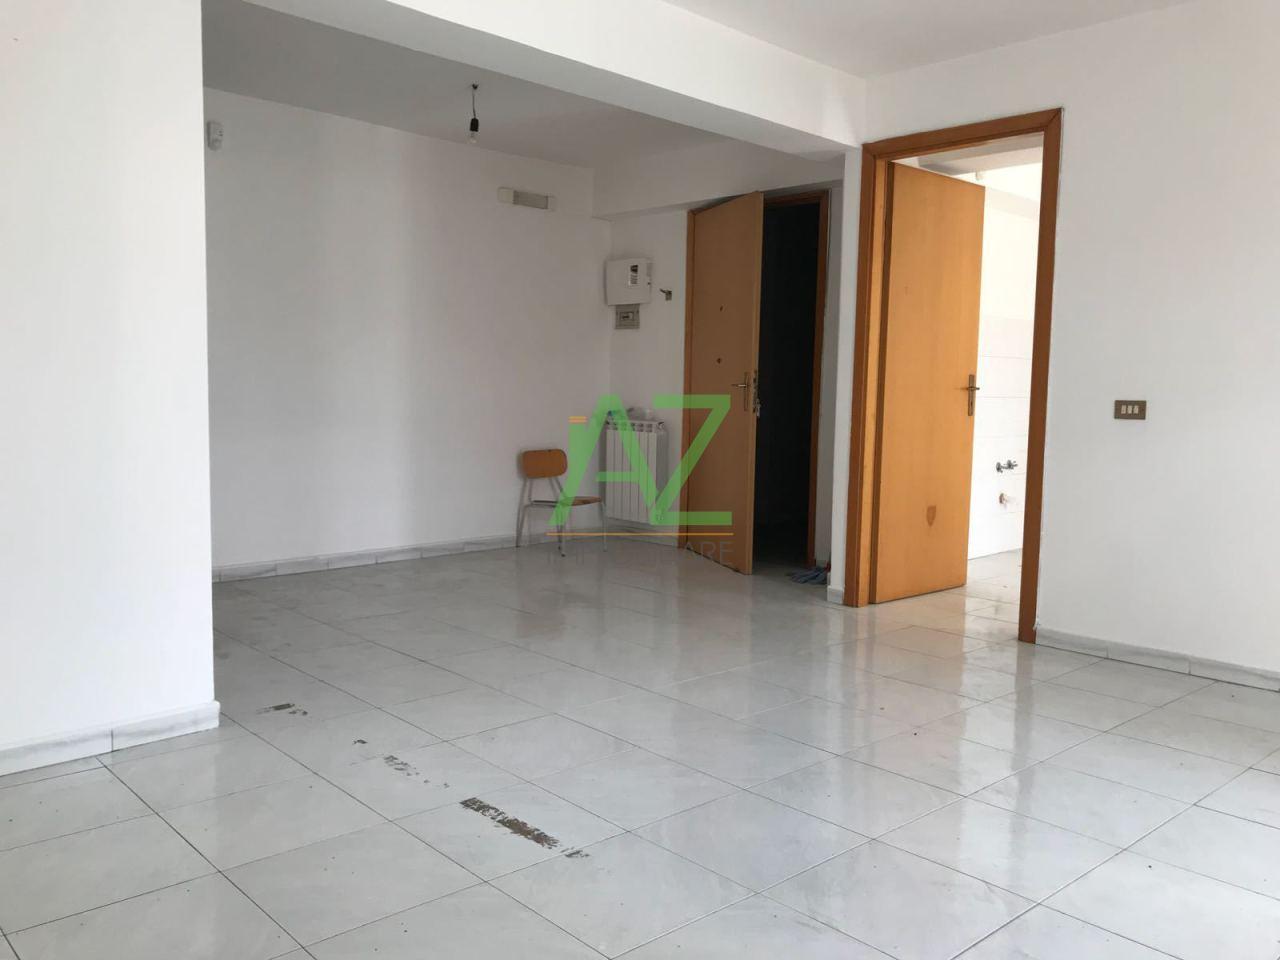 Appartamento in vendita a Motta Sant'Anastasia, 3 locali, prezzo € 83.000 | PortaleAgenzieImmobiliari.it